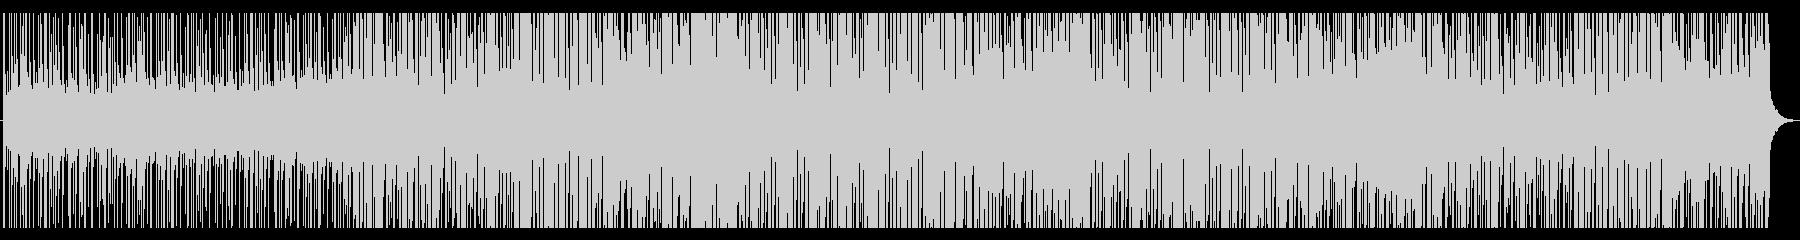 トロピカルで清涼感のあるEDMの未再生の波形